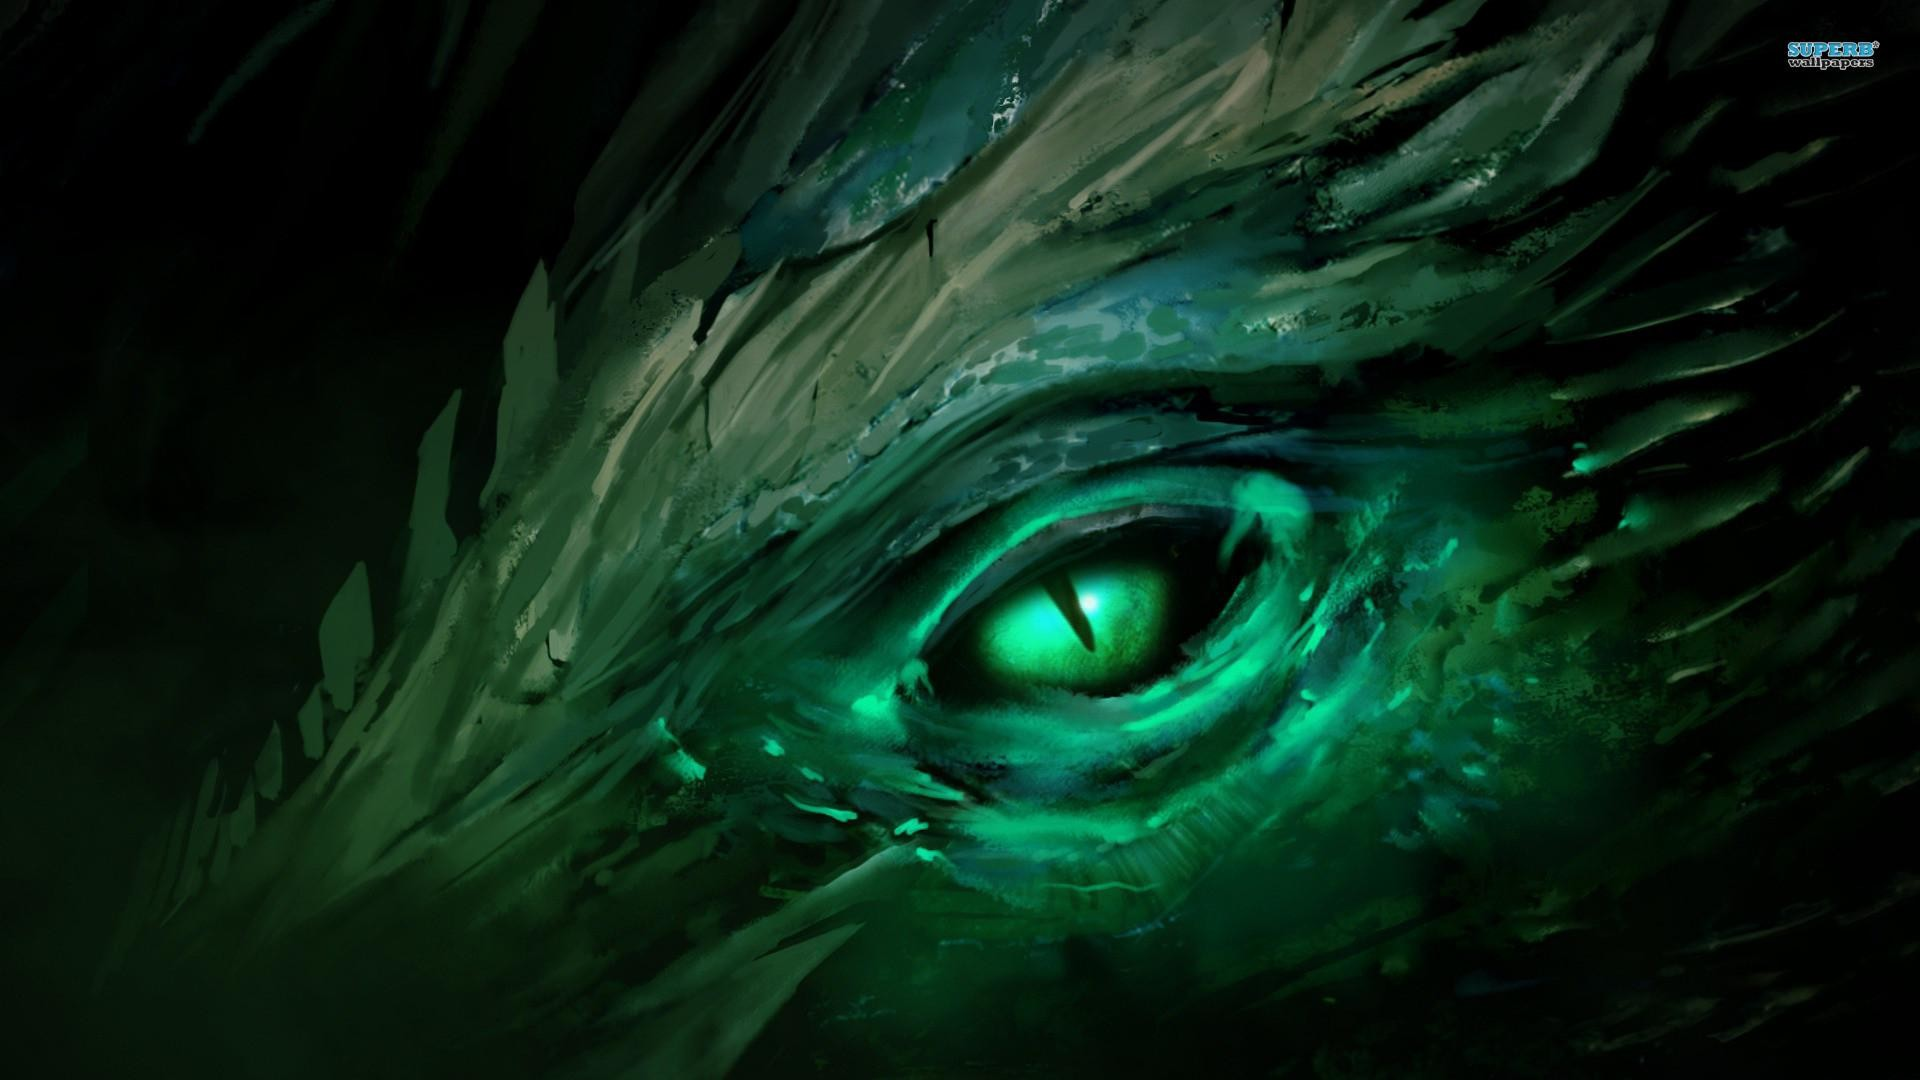 Dragon-Eye-Wallpaper